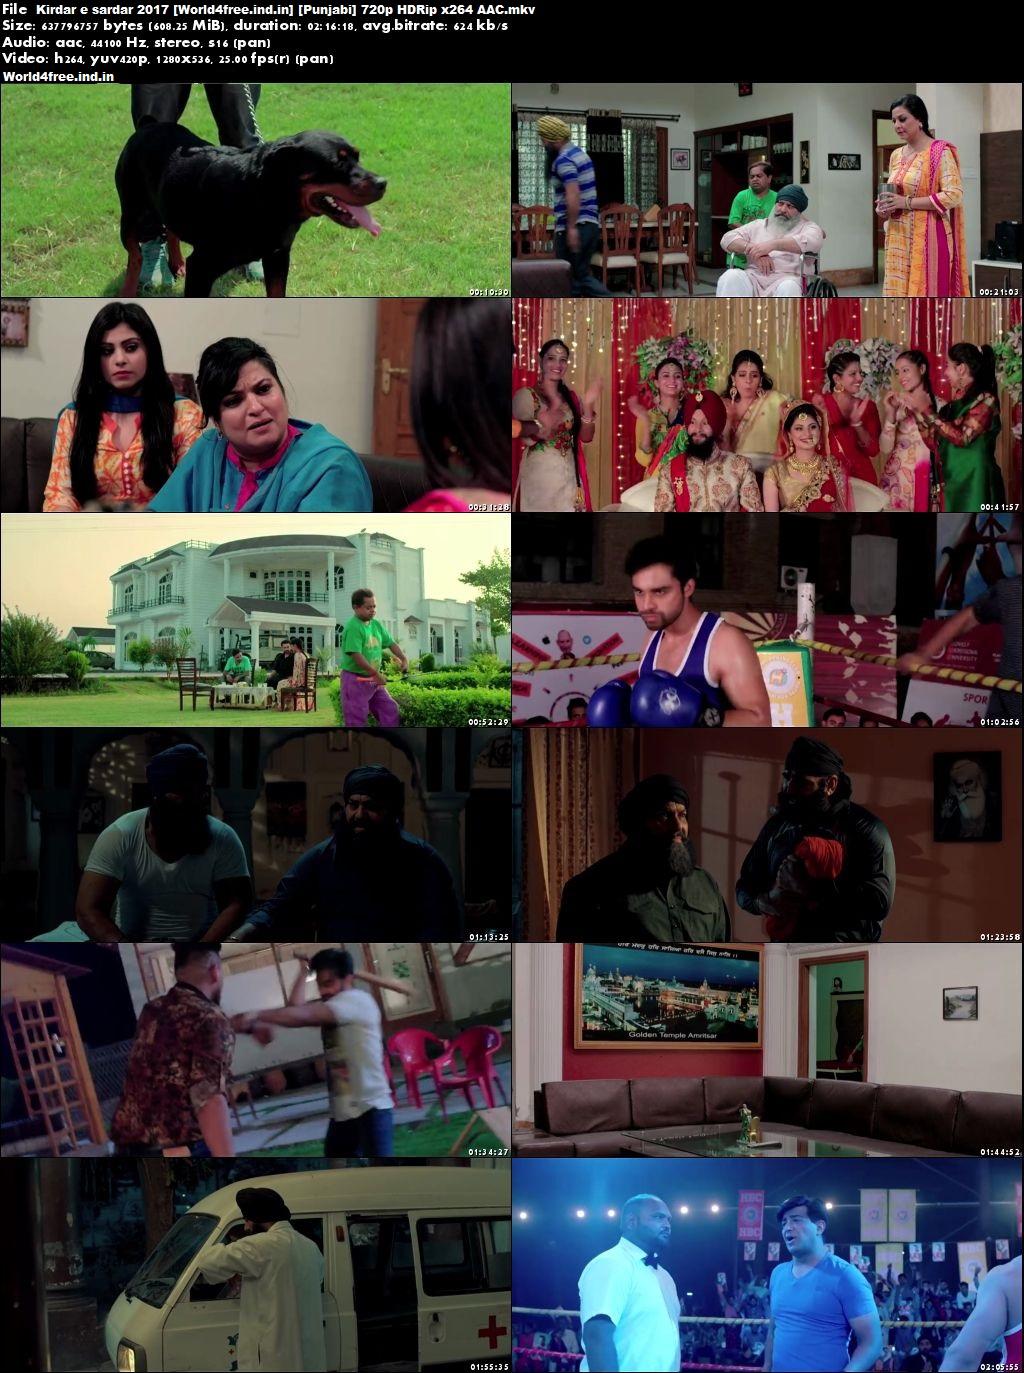 worldfree4u Kirdar-E-Sardar 2017 Full HDRip 720p Punjabi Movie Download